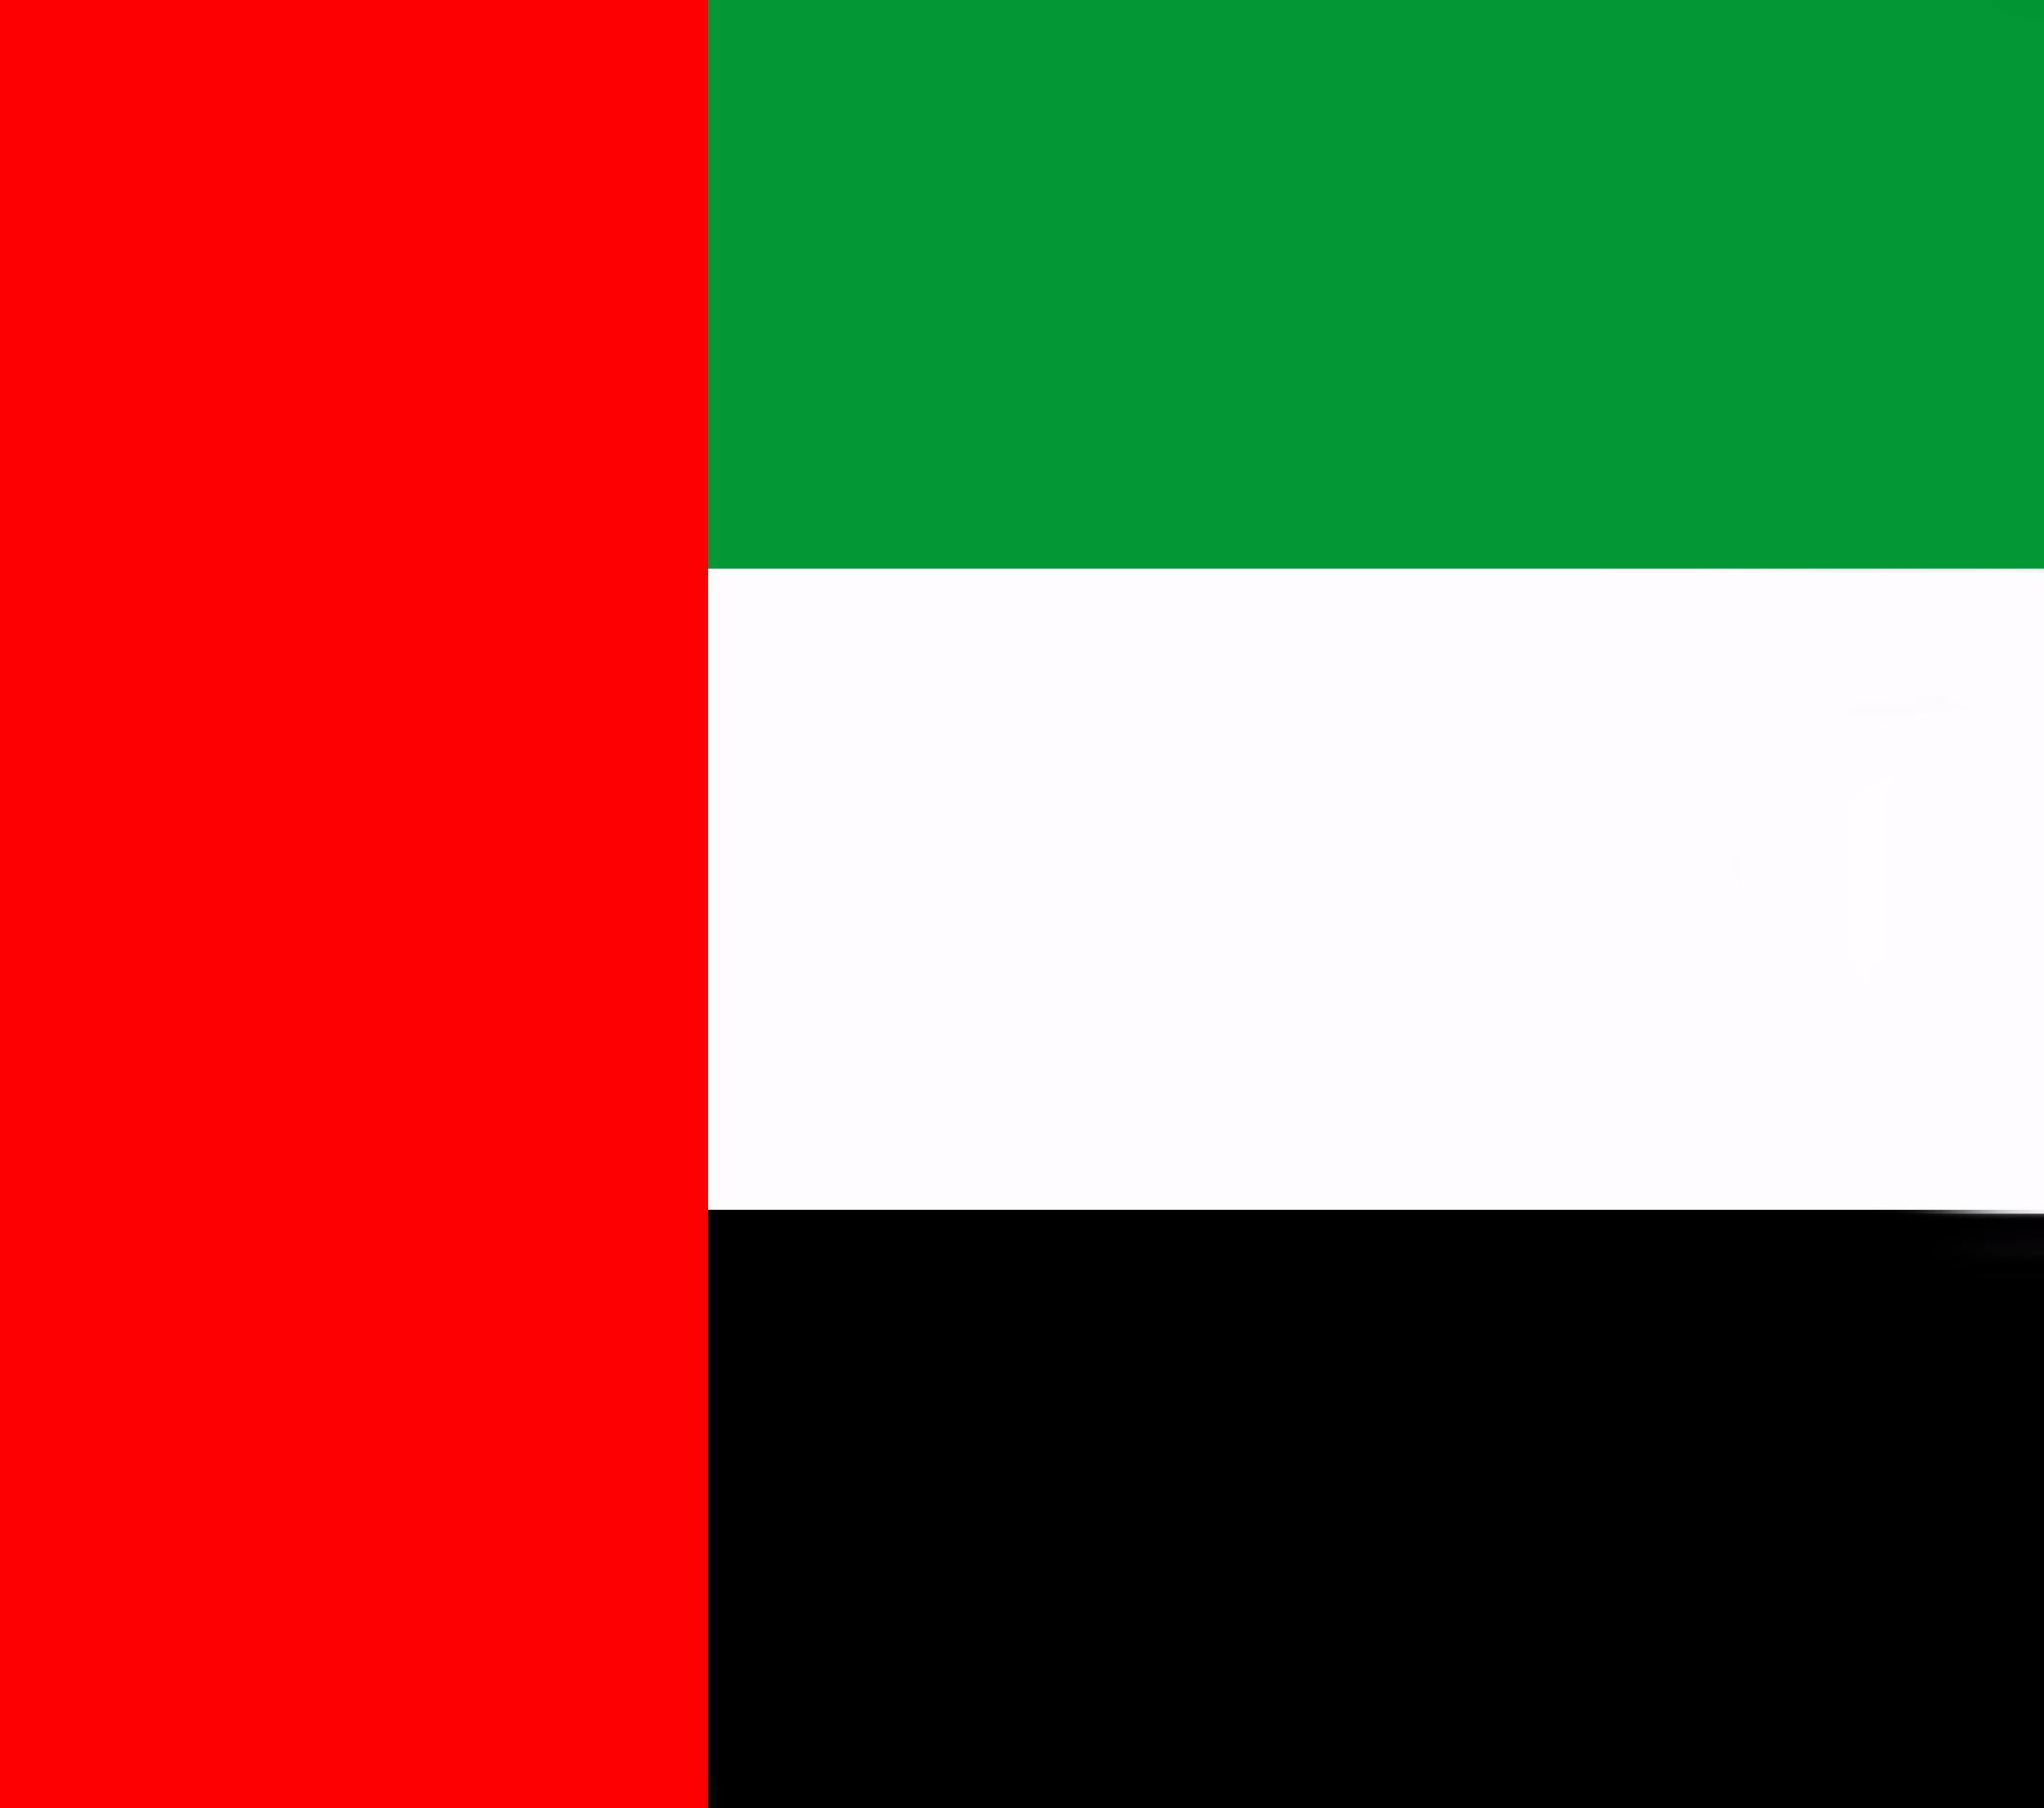 Emiratele Arabe Unite